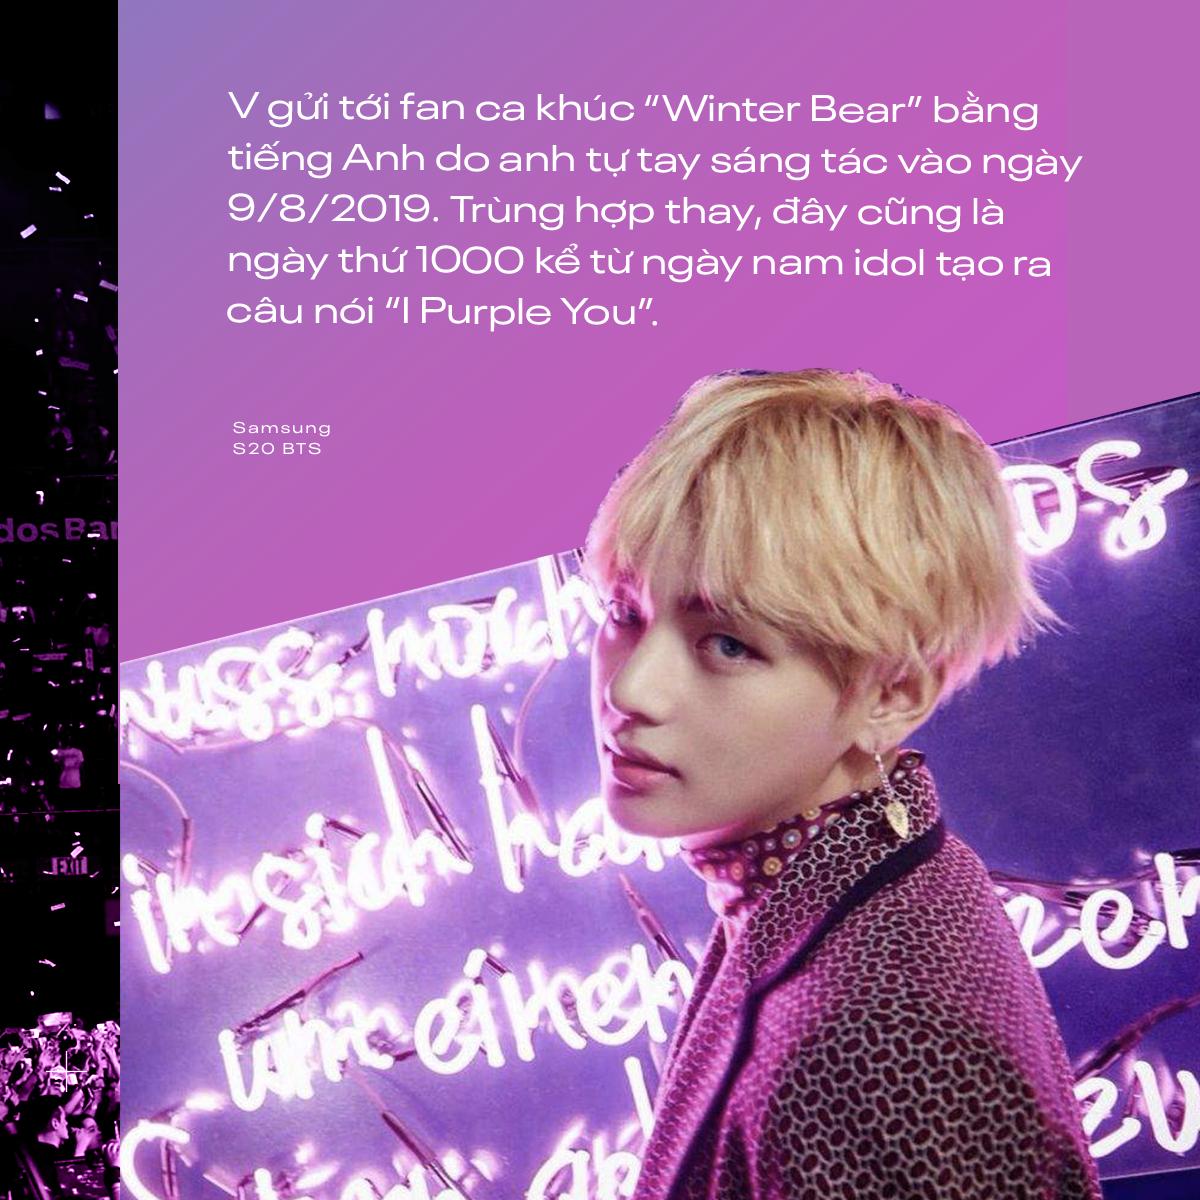 I Purple You - từ câu nói nổi tiếng dành riêng cho ARMY đến màu tím chỉ biểu trưng cho BTS - Ảnh 7.